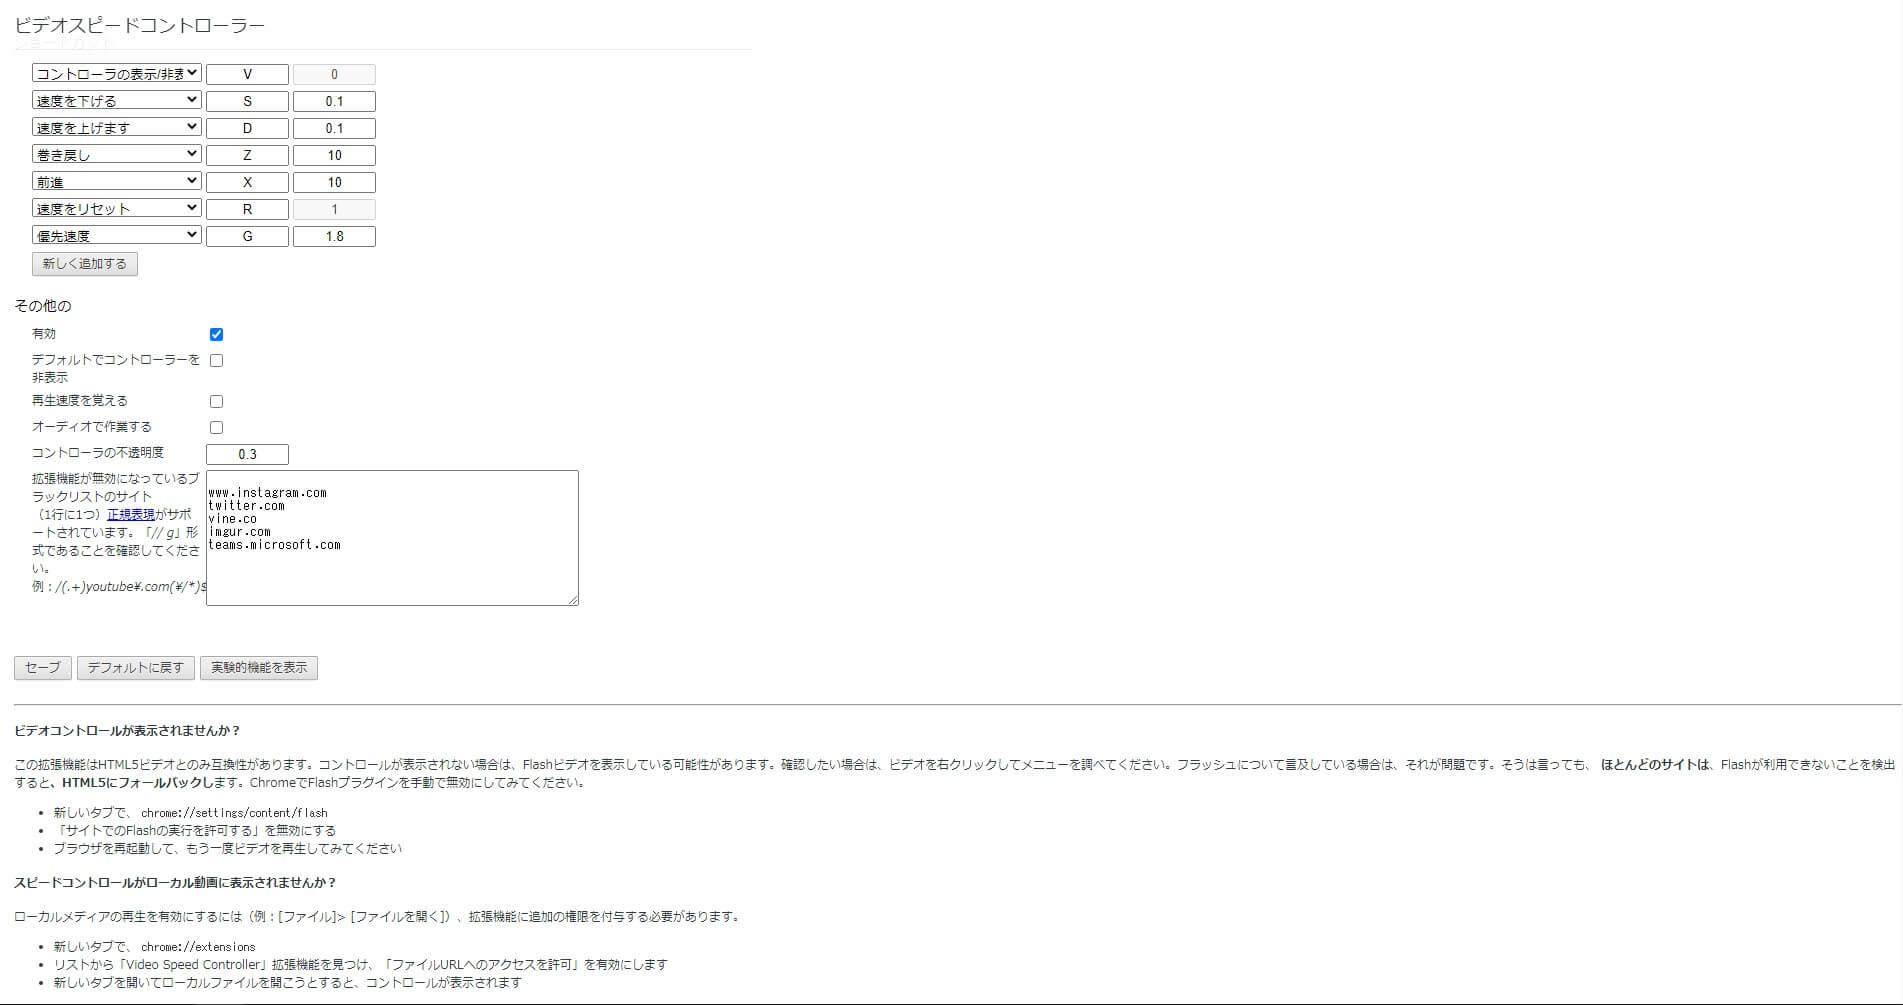 設定画面が日本語に翻訳された